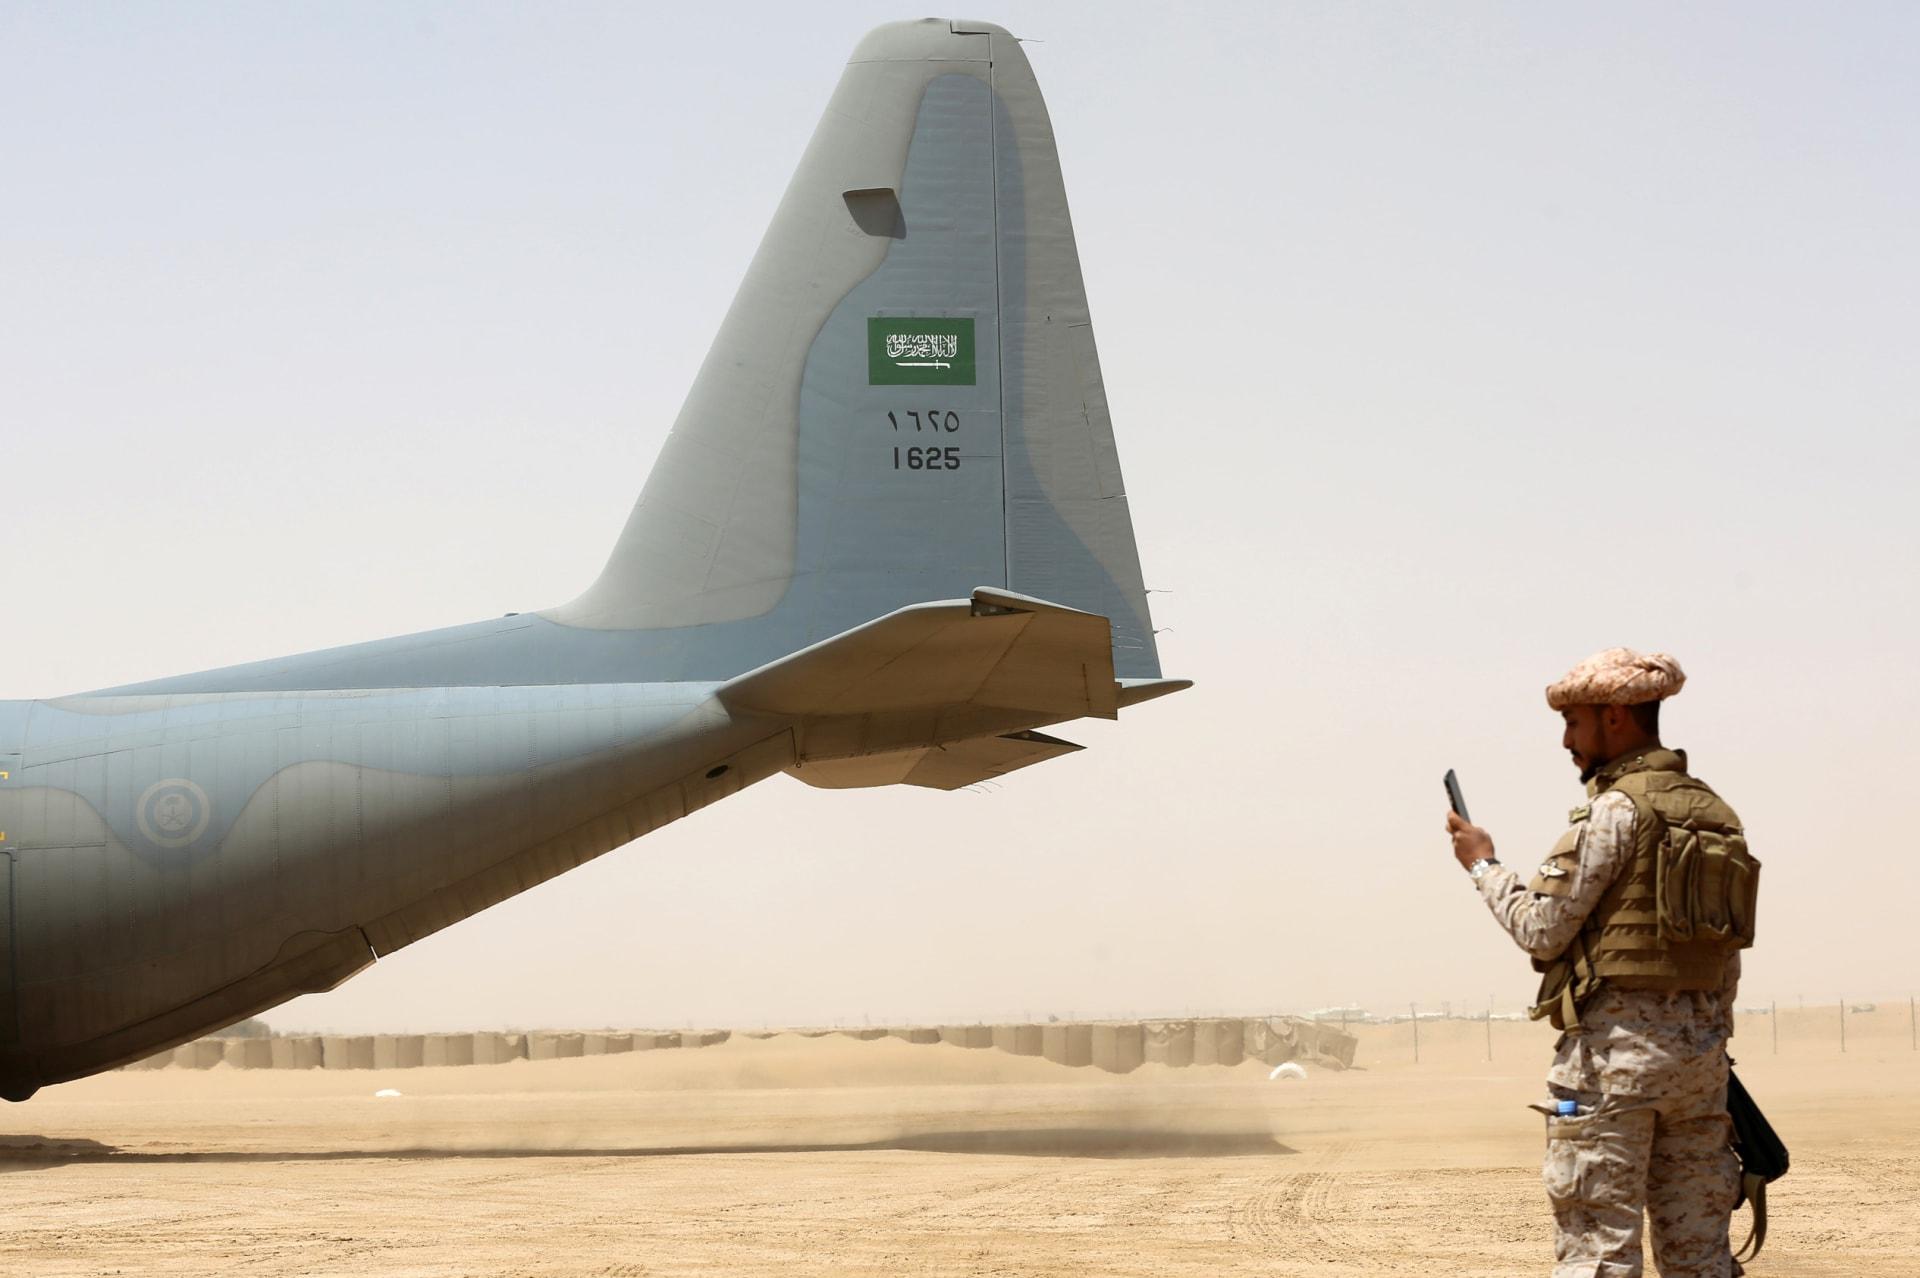 السعودية.. الحرس الوطني ينشر قصة مستوحاة من أحداث حقيقية في اليمن وأمير يطالب بأفلام ومسلسلات